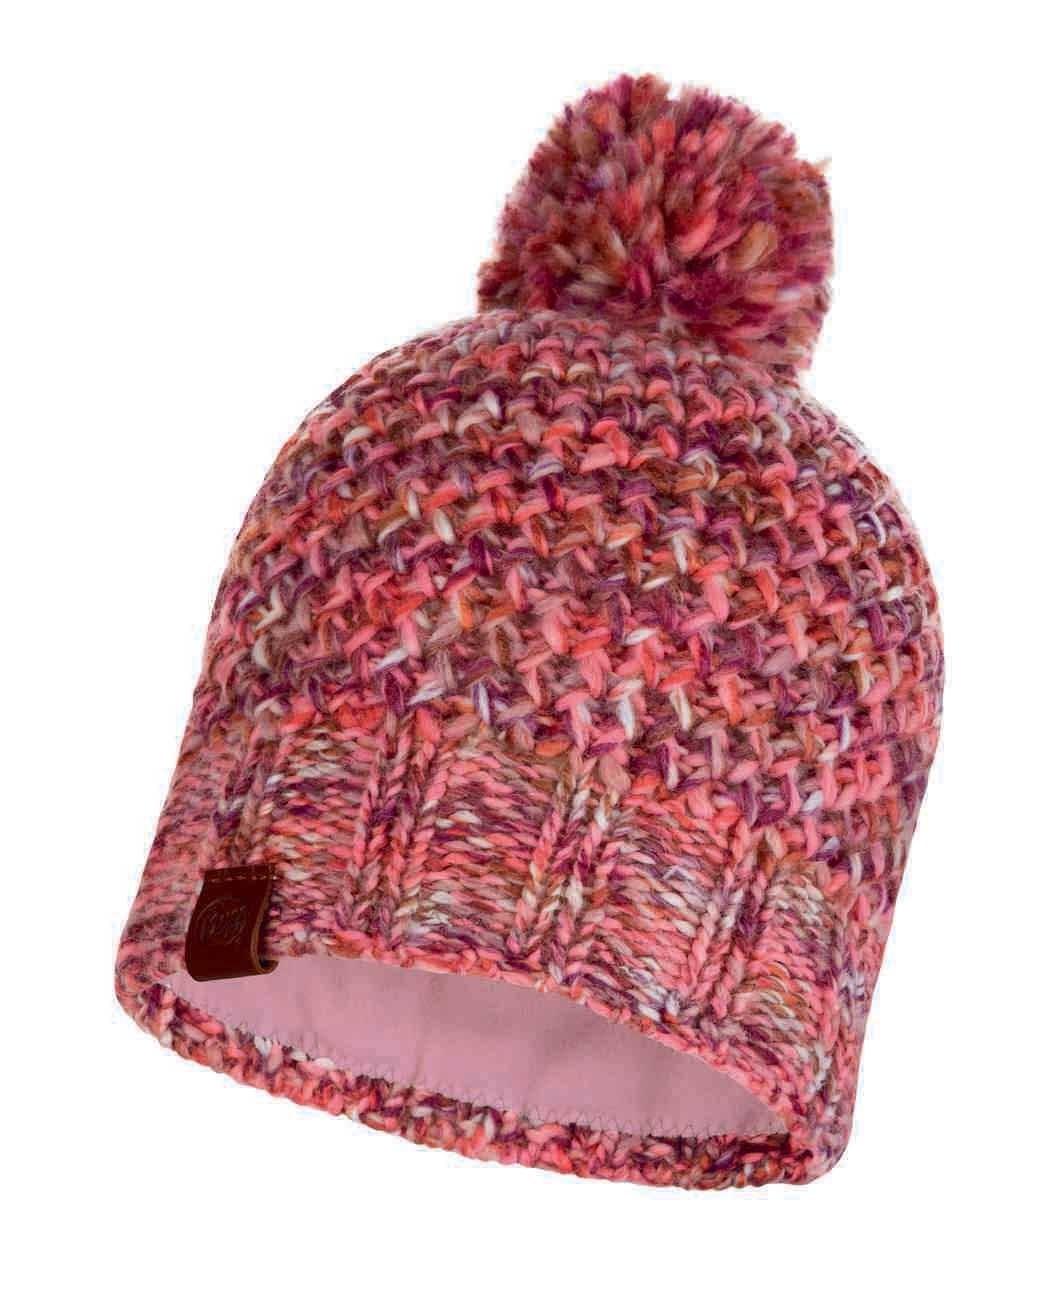 Шапки с помпоном Вязаная шапка с флисовой подкладкой Buff Hat Knitted Polar Margo Flamingo Pink 113513.560.10.00.jpg